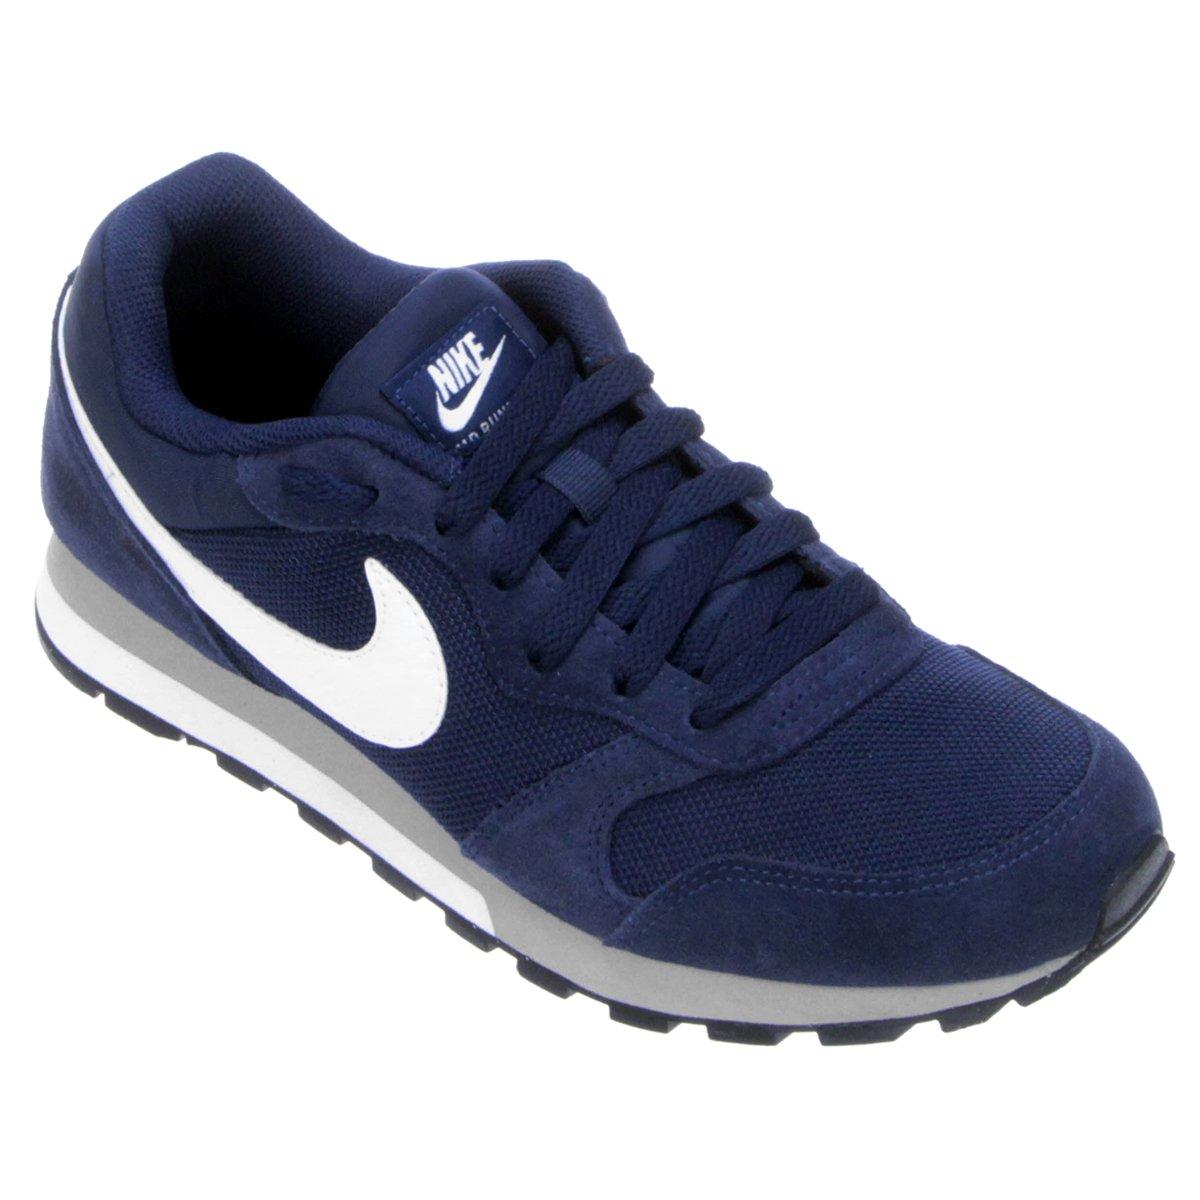 Tênis Nike Md Runner 2 Masculino - Marinho e Branco - Compre Agora ... 11d7f07190a37